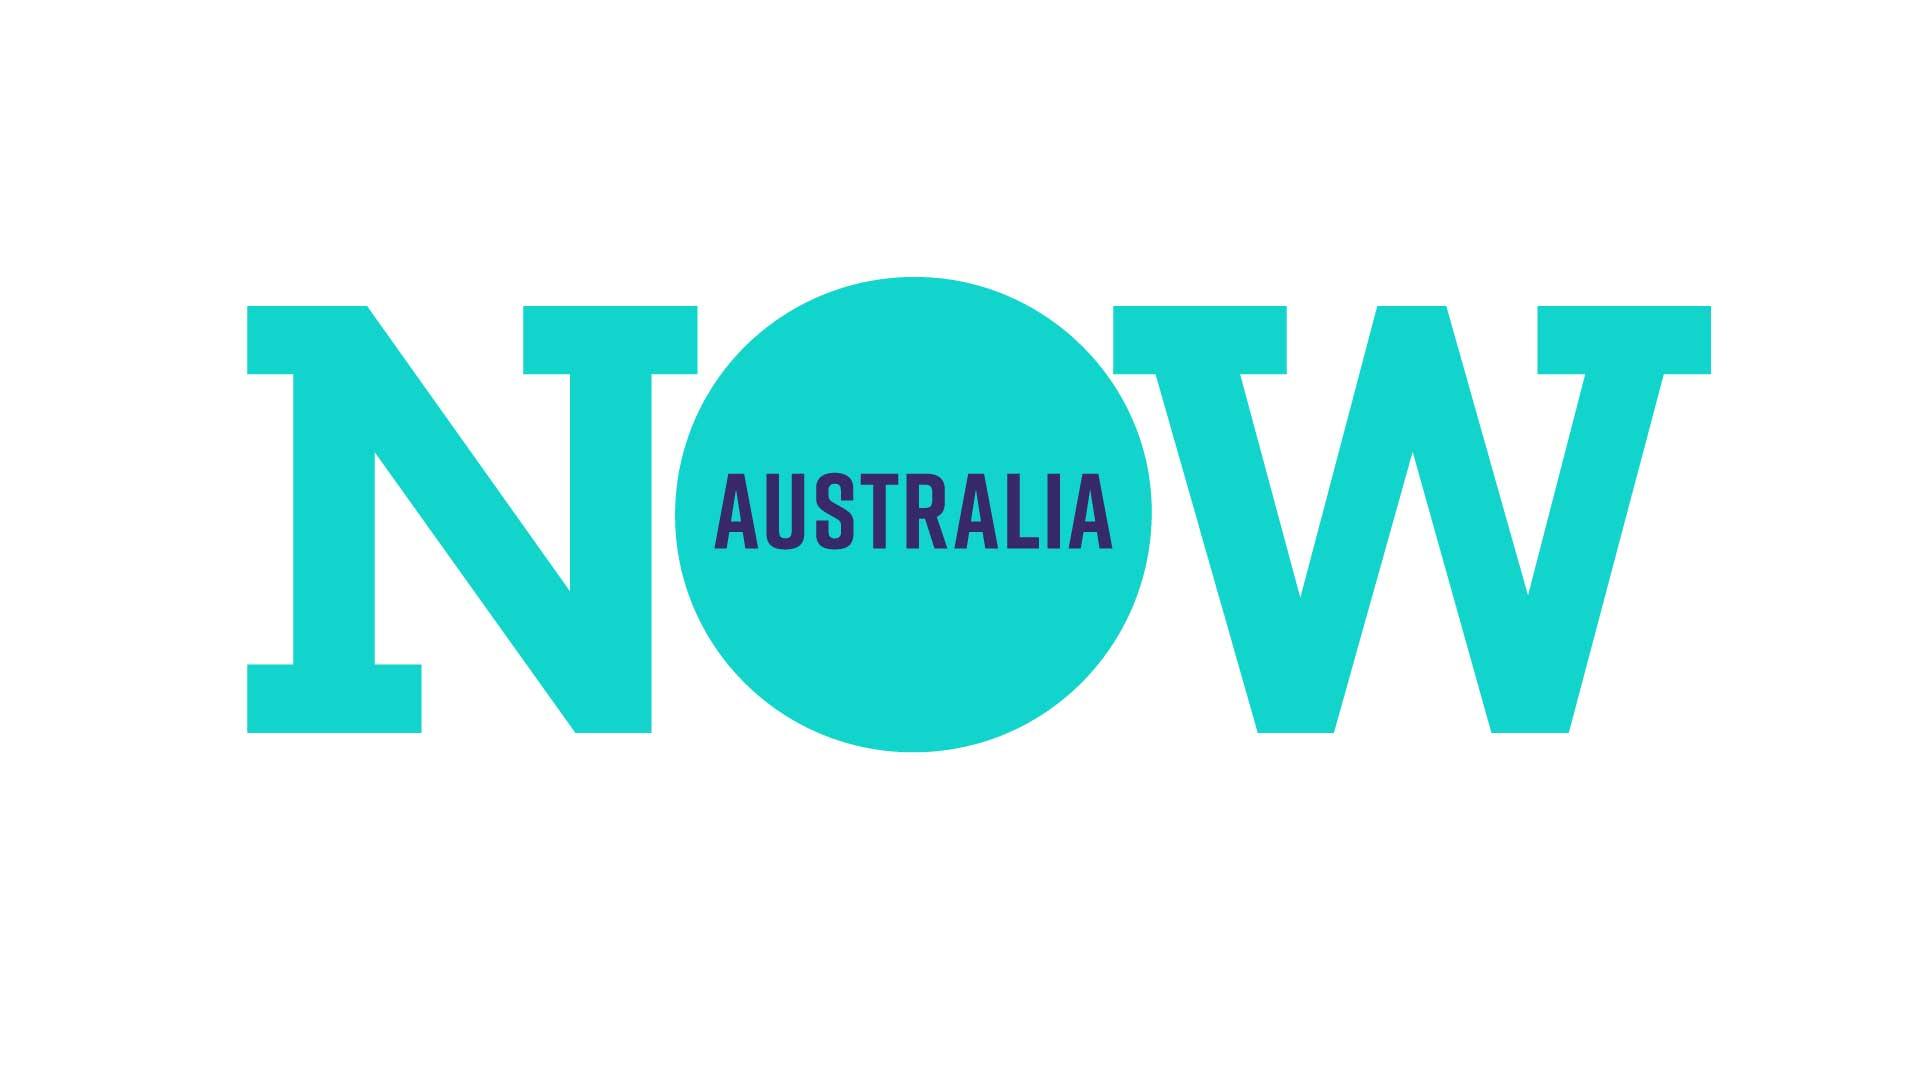 972-nowaustralia-teal-rgb-jpg.jpg